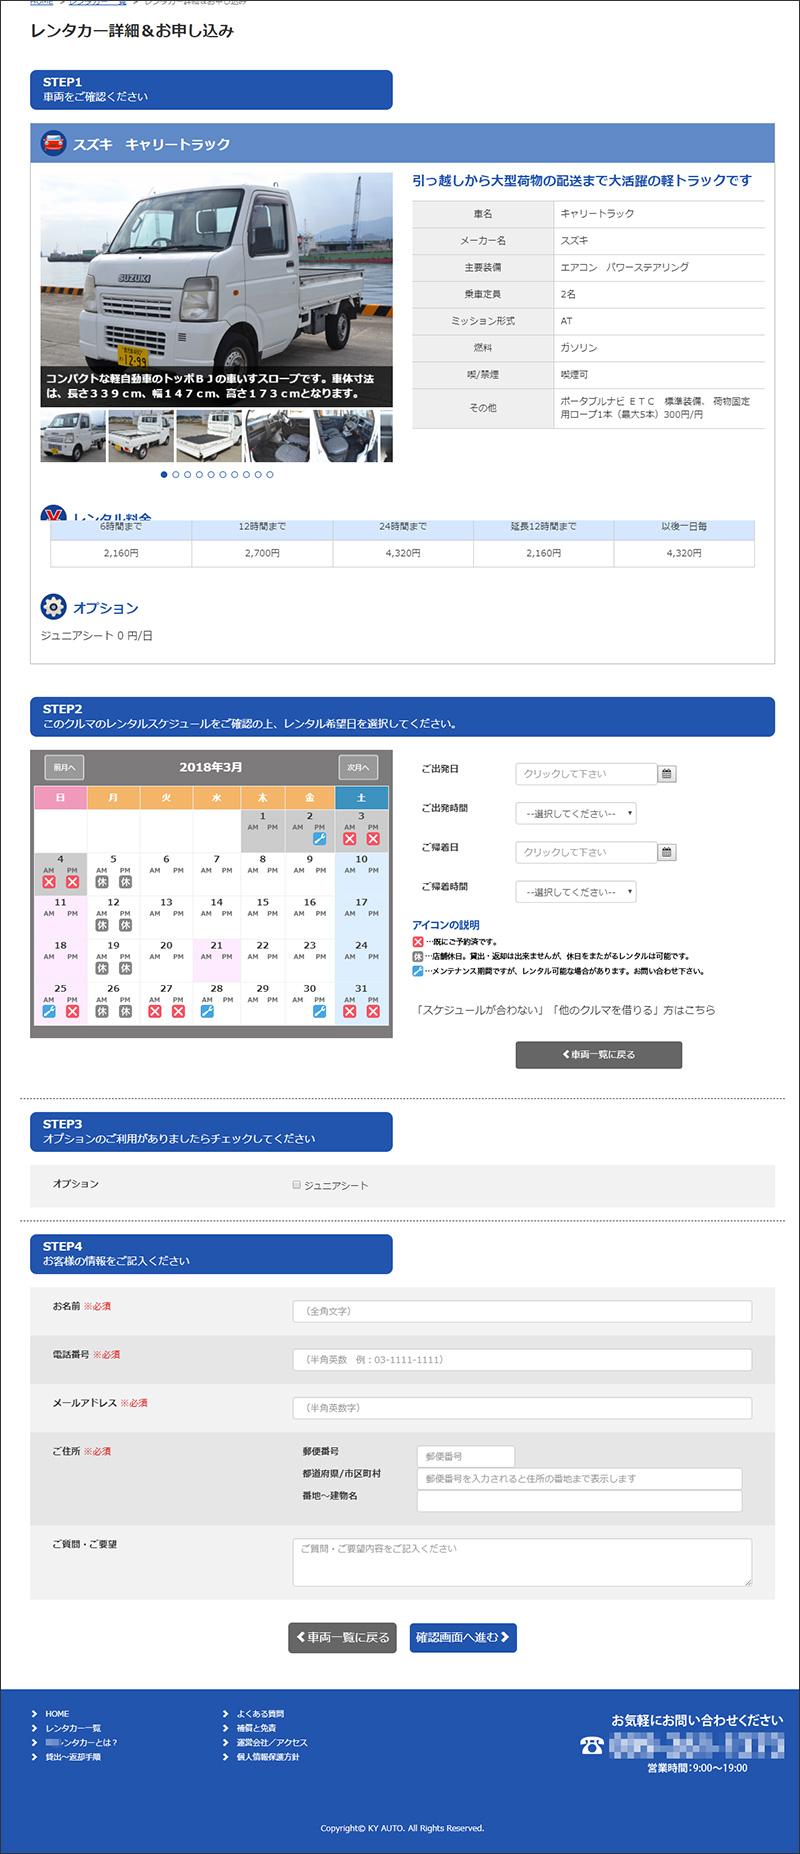 中古レンタカーウェブ予約サイトを提供